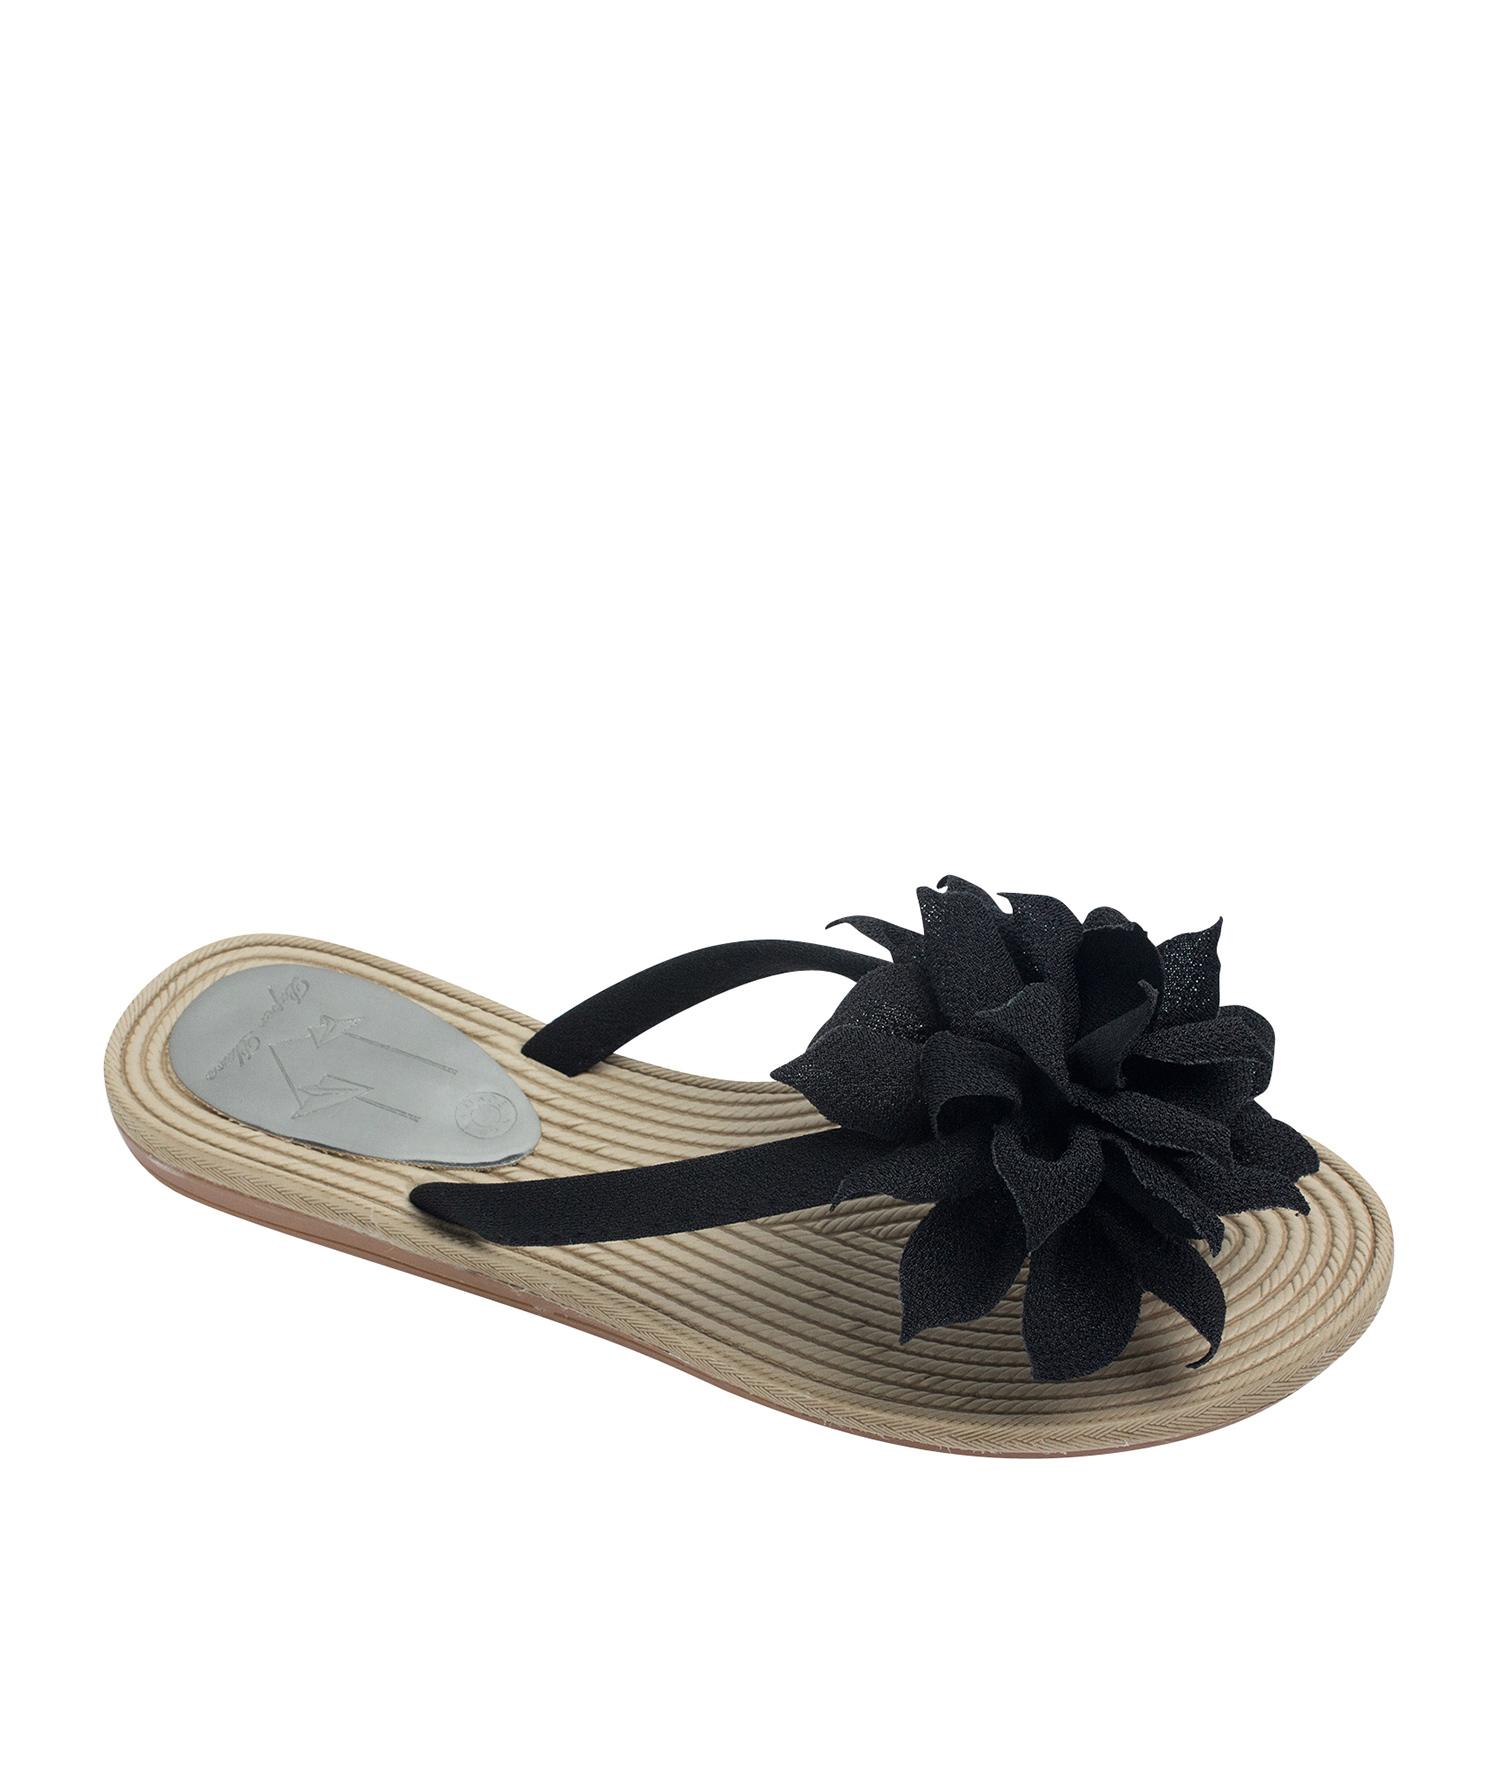 504003e3d9eb1 AnnaKastle Womens Big Flower Flip Flops Beach Sandals Black